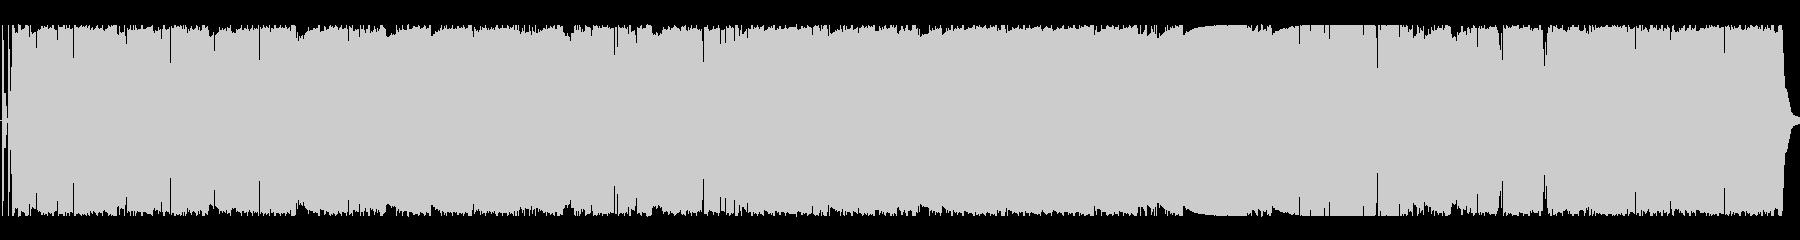 メロディックなポップロックのエレク...の未再生の波形